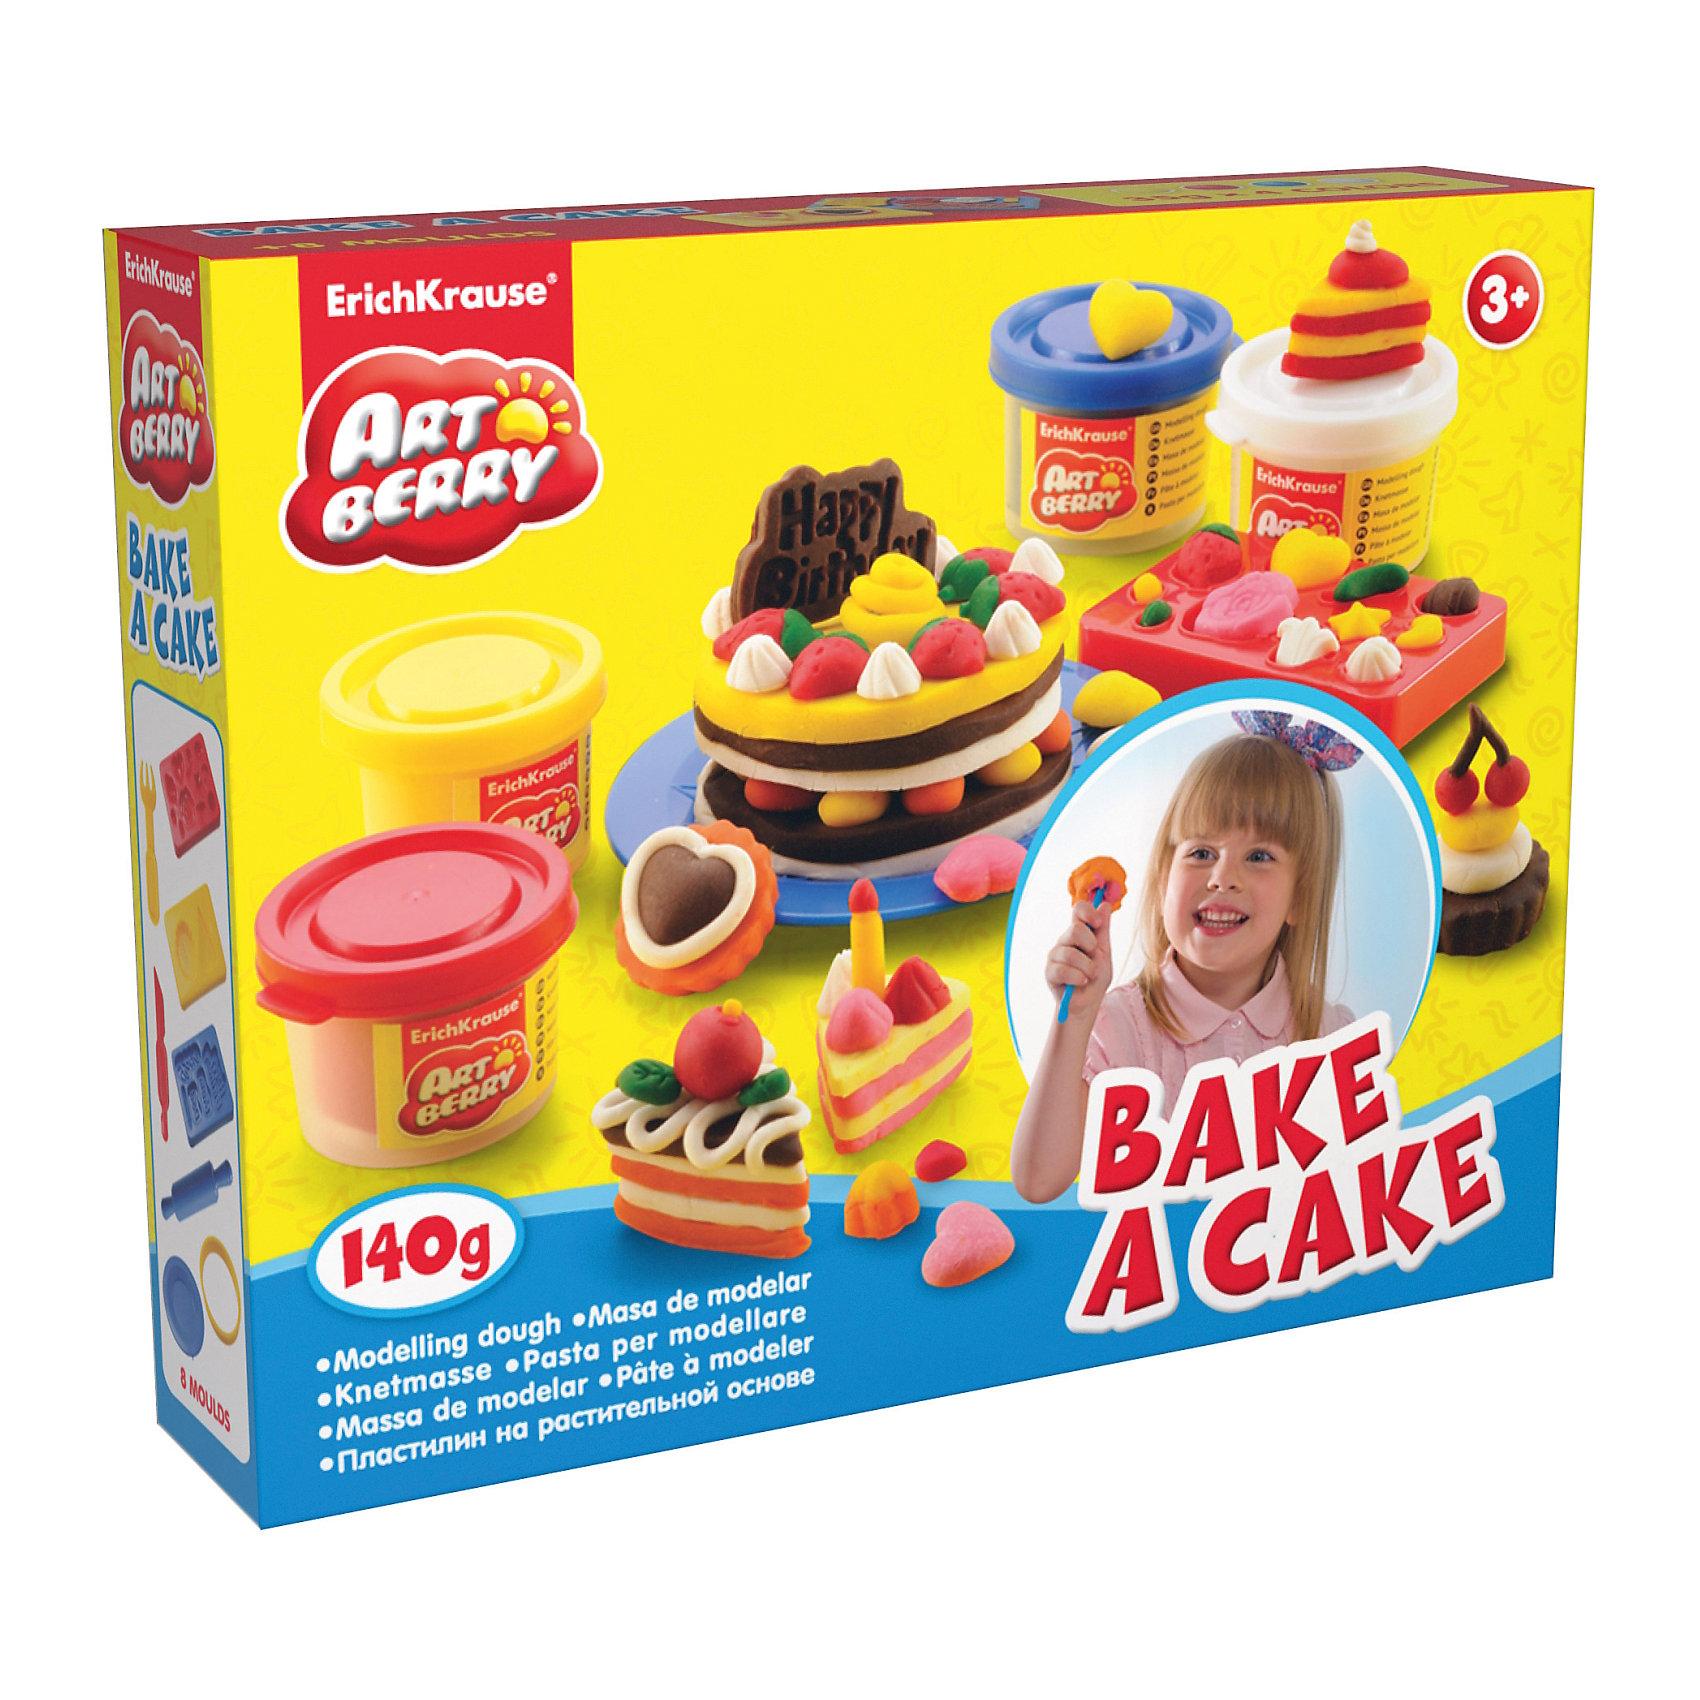 Игровой набор Выпечка, Artberry, 4 цвНаборы для лепки<br>Характеристики товара:<br><br>• в комплекте: пластилин (4 цвета), 3 формочки-трафарета, круглая формочка, стек, скалка, тарелка, вилка;<br>• масса пластилина: 4х35 грамм;<br>• цвета: красный, желтый, синий, белый;<br>• материал: пластилин, пластик;<br>• размер упаковки: 6х6х22 см;<br>• вес: 425 грамм;<br>• возраст: от 3 лет.<br><br>Пластилин Bake a Cake научит ребенка создавать красивые десерты с восхитительным оформлением. В набор входят 4 вида пластилина, формочки, инструменты, тарелочка и вилка. Сначала ребенку предстоит слепить коржики для тортов, а затем украсить их розочками, фруктами или конфетками.<br><br>Масса изготовлена на основе натуральных компонентов: оливковое масло, пшеница, пищевые красители. Она обладает хорошей пластичностью и не липнет к рукам. Масса не засыхает во время работы. Для затвердевания фигурки необходимо оставить ее на воздухе не меньше, чем на сутки.<br><br>Erich Krause (Эрих Краузе) Пластилин на растит. основе Bake a Cake 4 банки 35г можно купить в нашем интернет-магазине.<br><br>Ширина мм: 225<br>Глубина мм: 80<br>Высота мм: 150<br>Вес г: 425<br>Возраст от месяцев: 36<br>Возраст до месяцев: 144<br>Пол: Унисекс<br>Возраст: Детский<br>SKU: 3293871